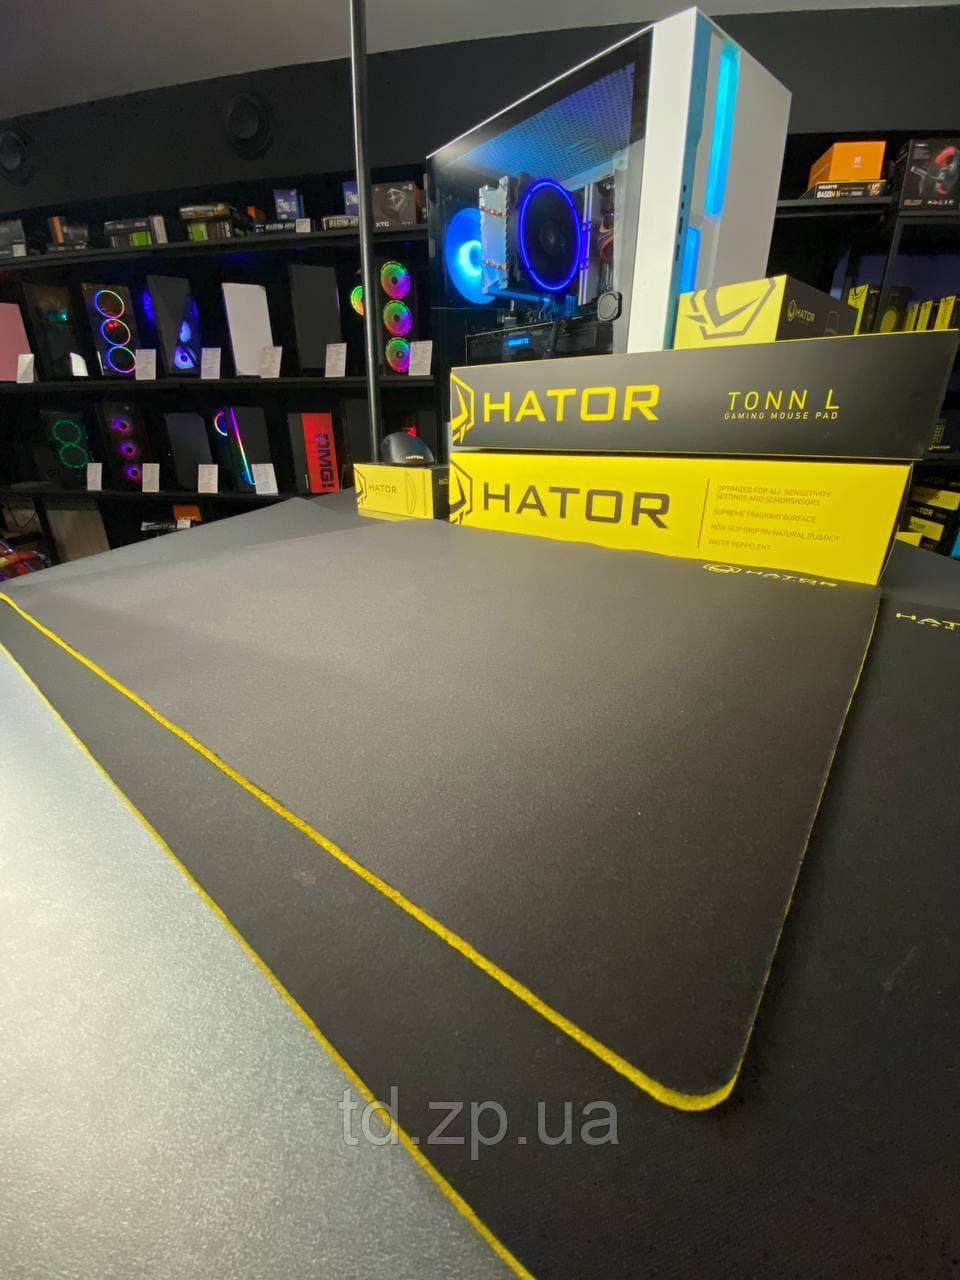 Игровая поверхность Hator Tonn L